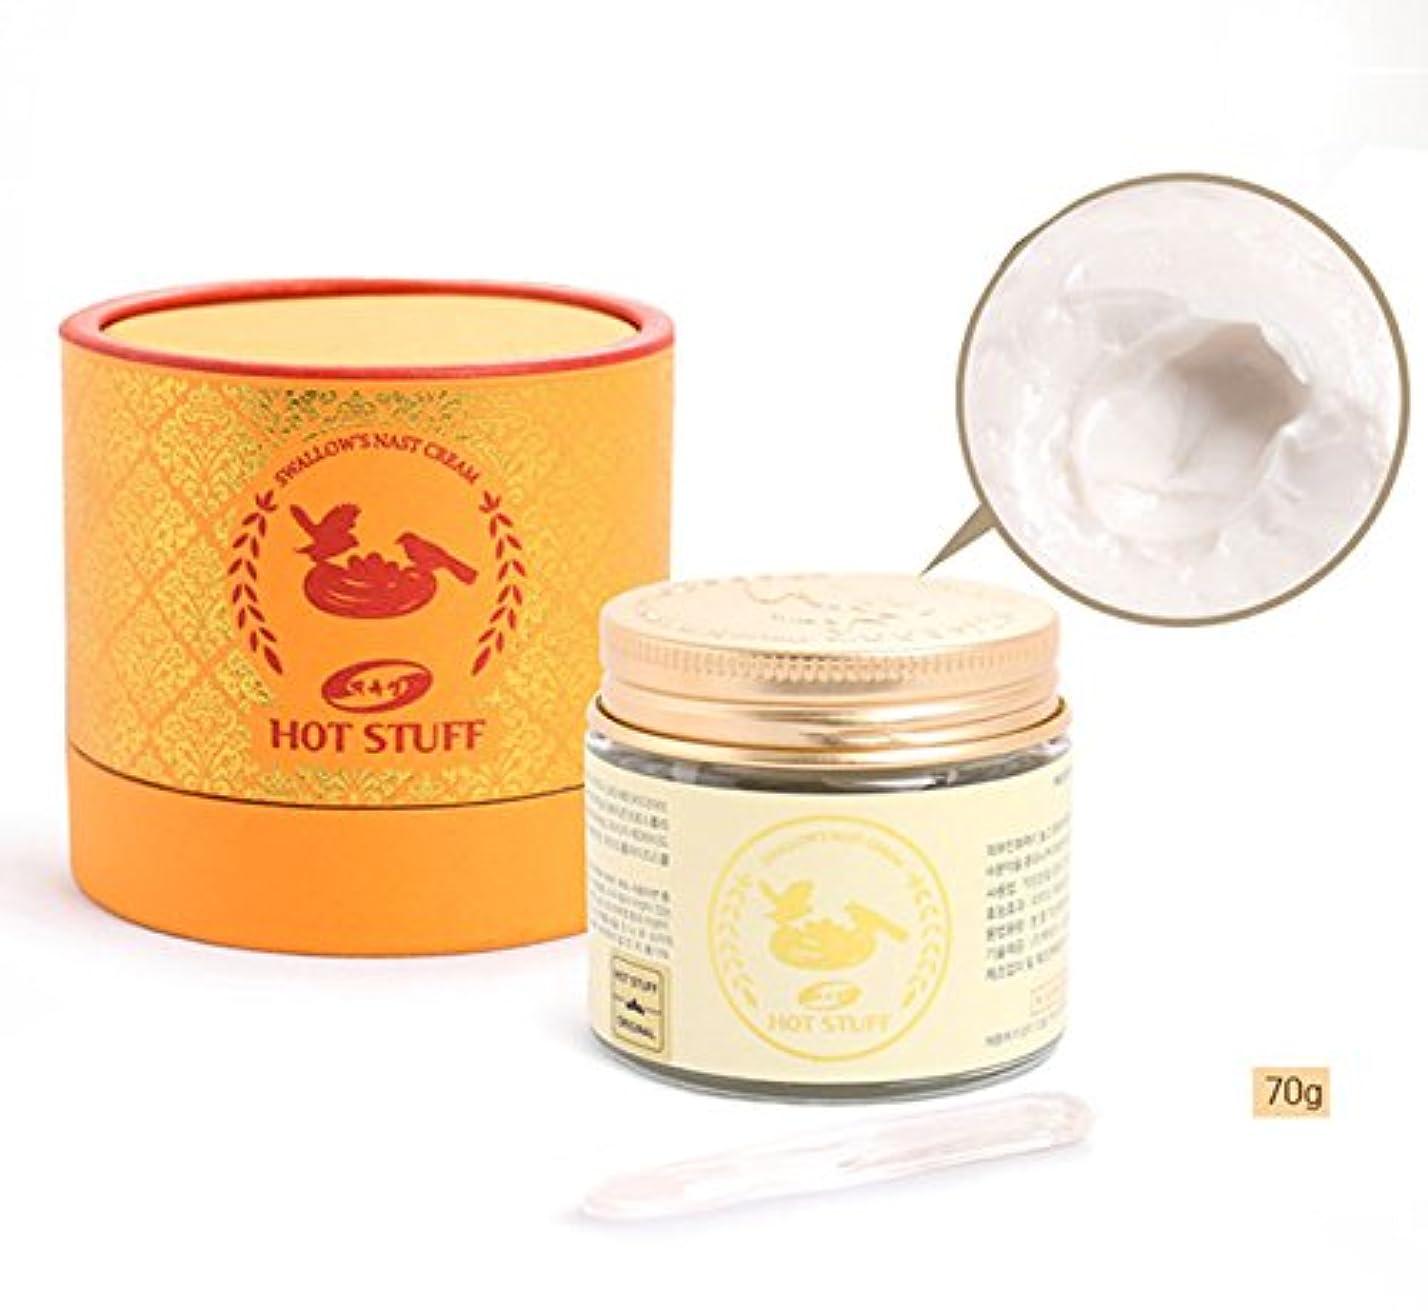 退屈な論理的に残り[Hot Stuff] スワローズネストクリーム70g/弾力、潤い/韓国化粧品/Swallow's Nest Cream 70g/elasticity, moisturizes/Korean Cosmetics [並行輸入品]